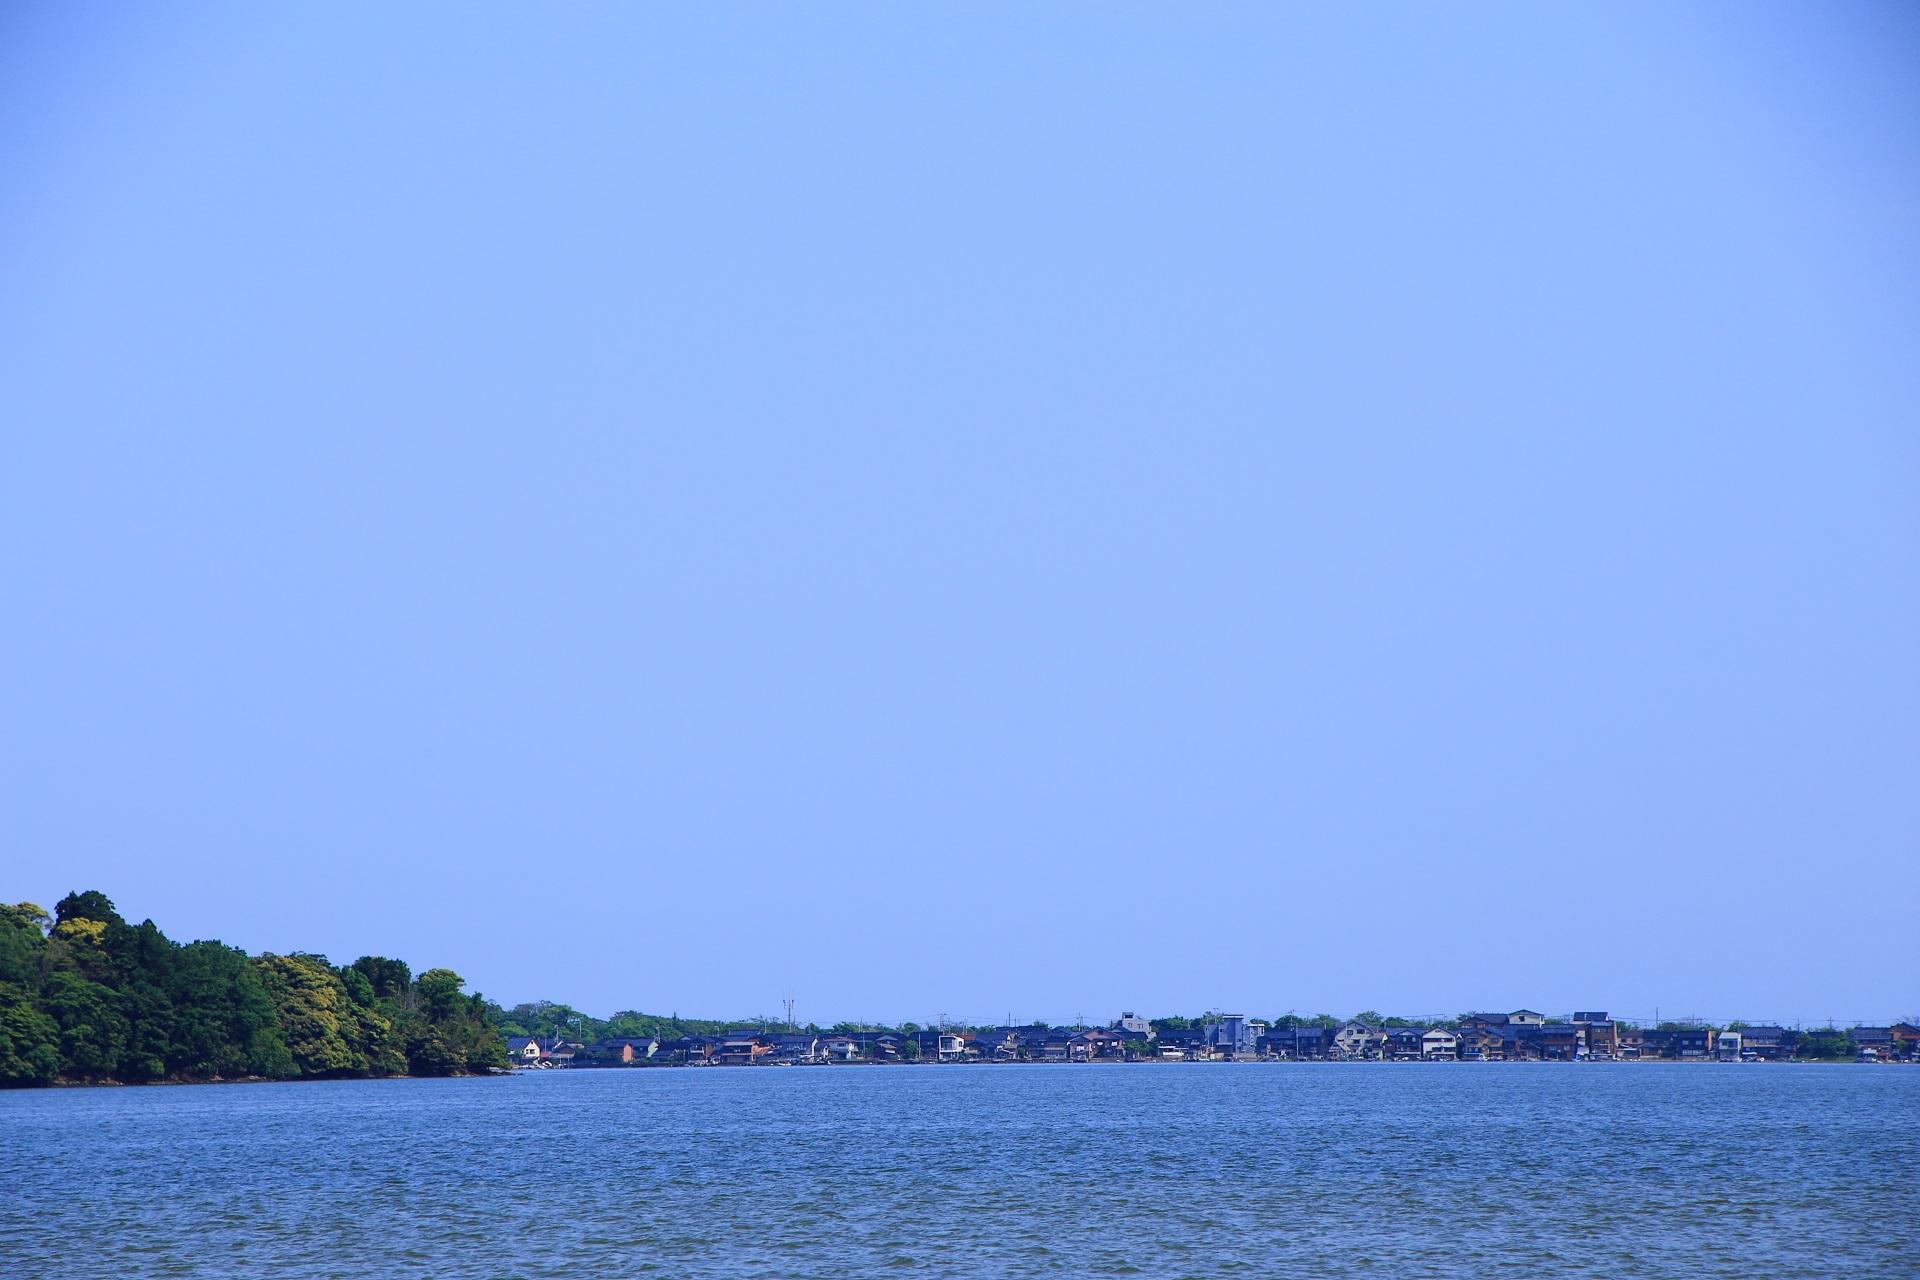 久美浜湾北側の小天橋方面に建ち並ぶ海の家